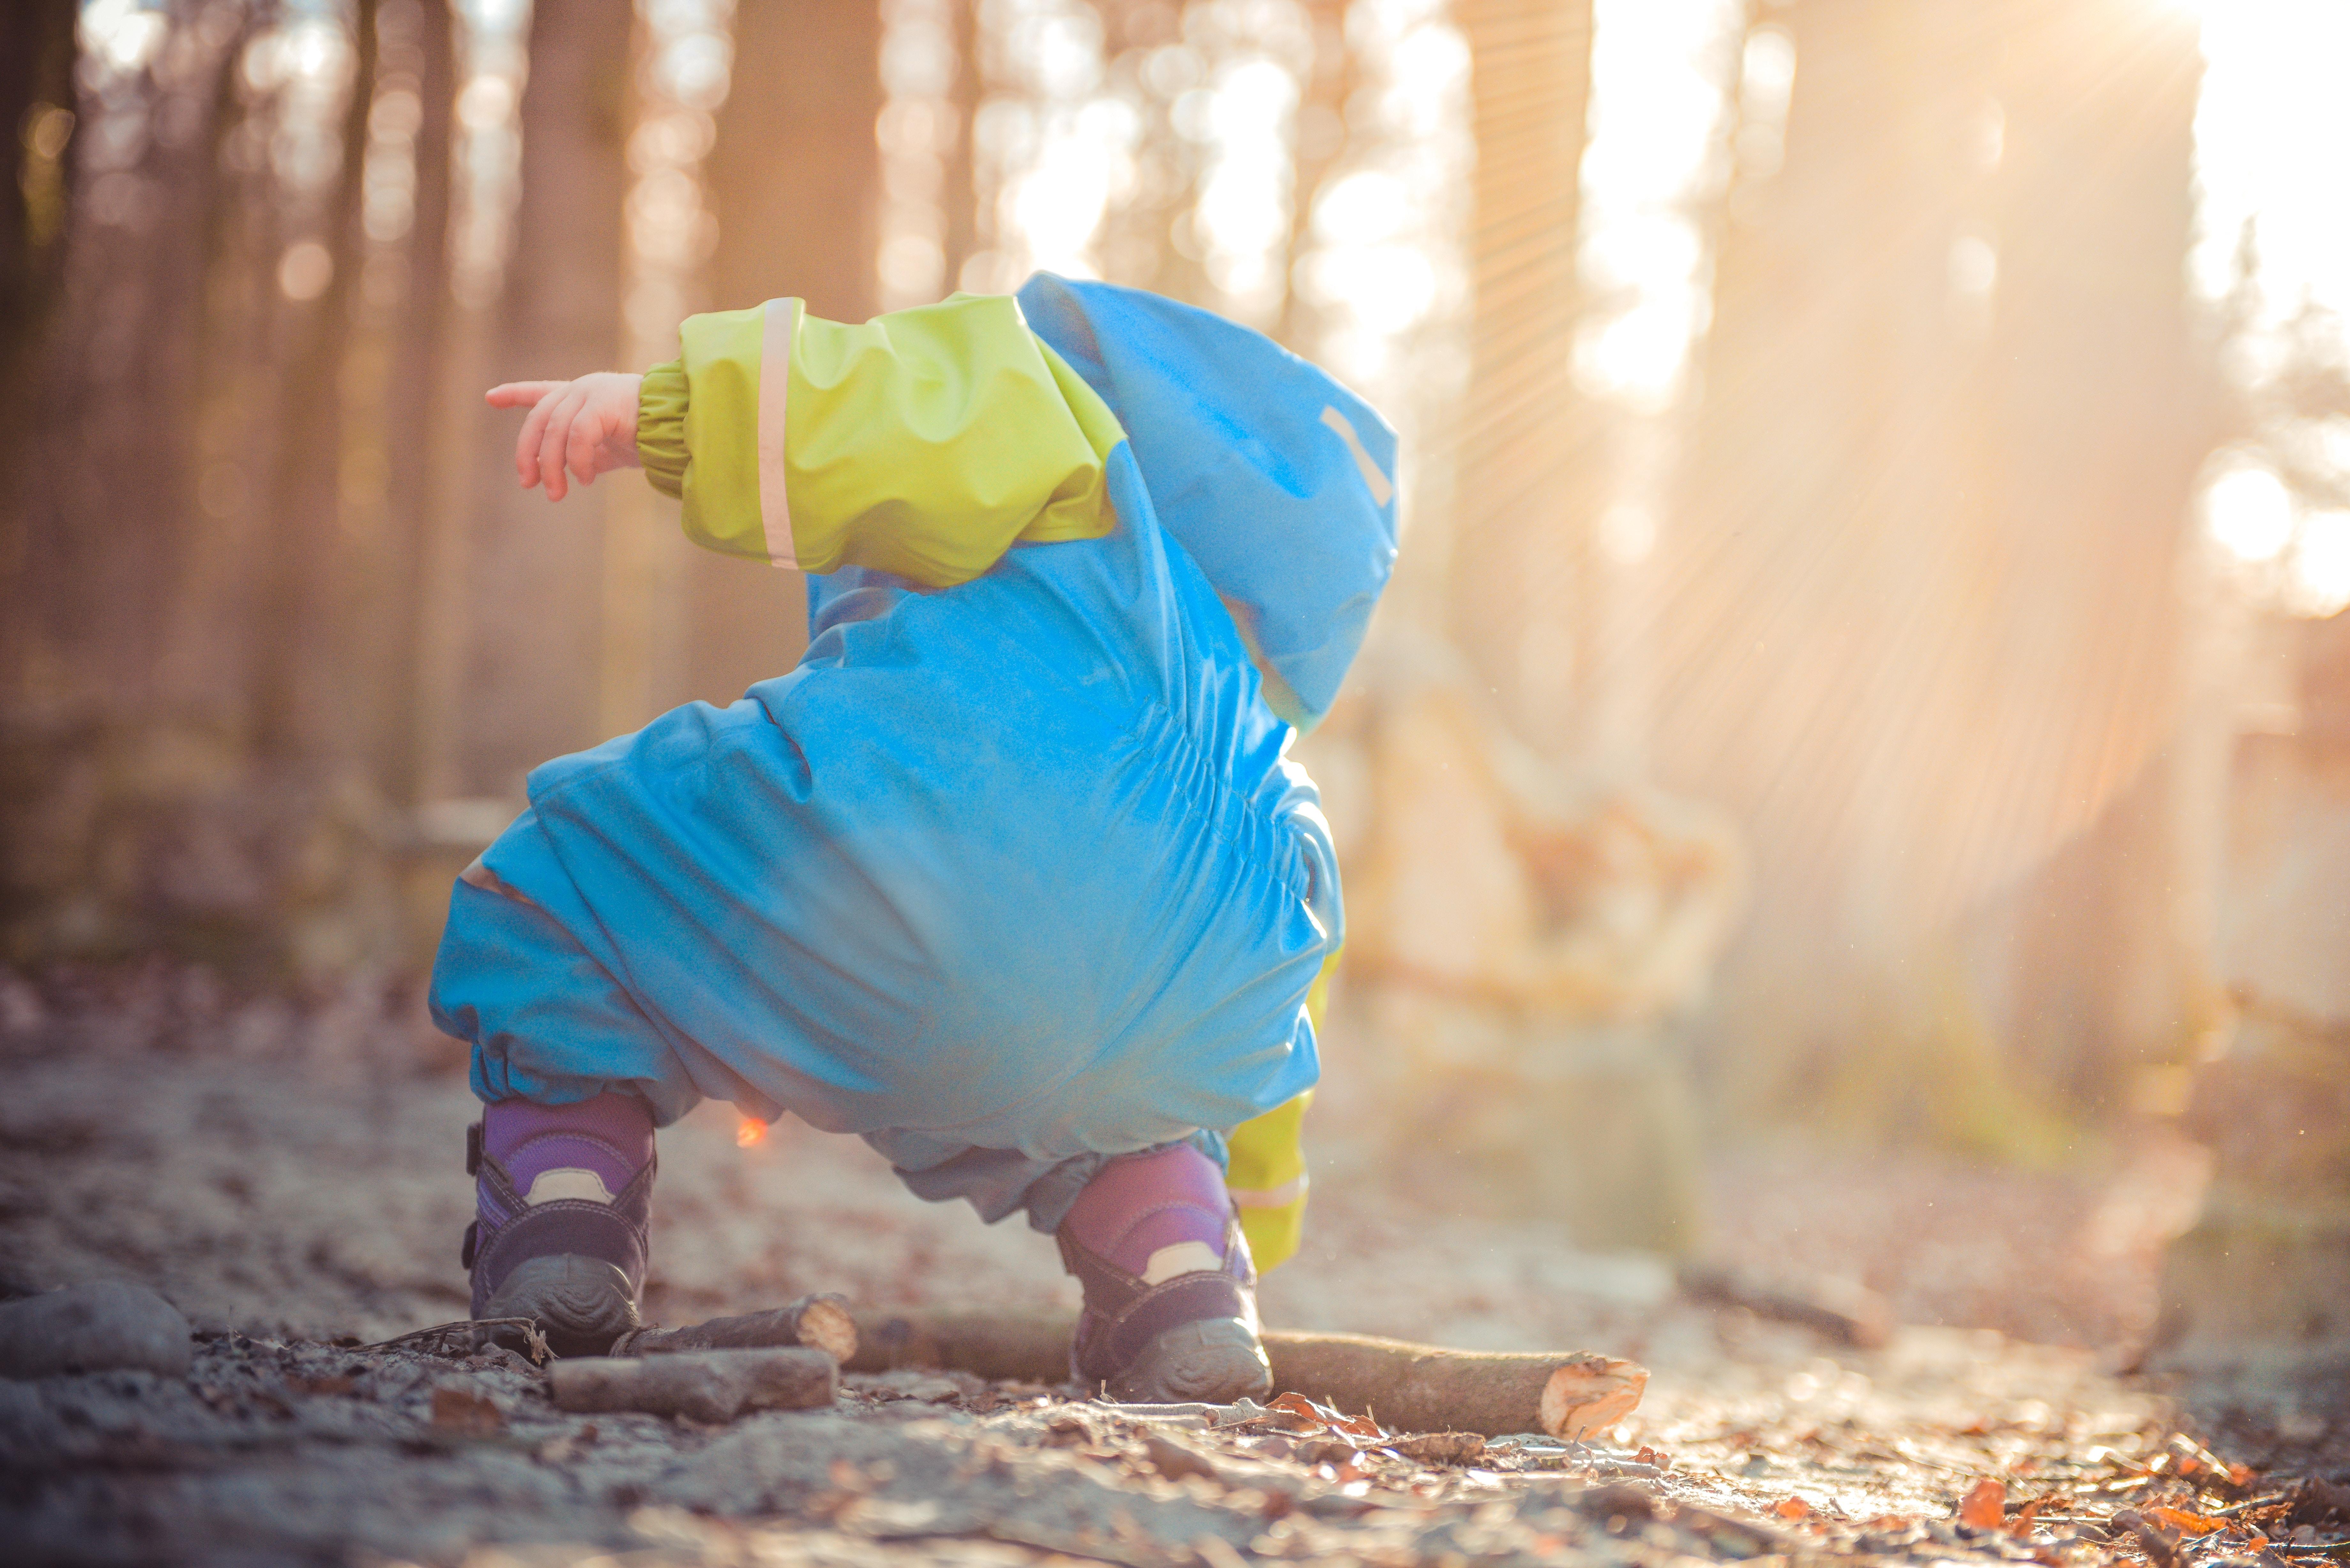 child-outside-winter-ece-nz